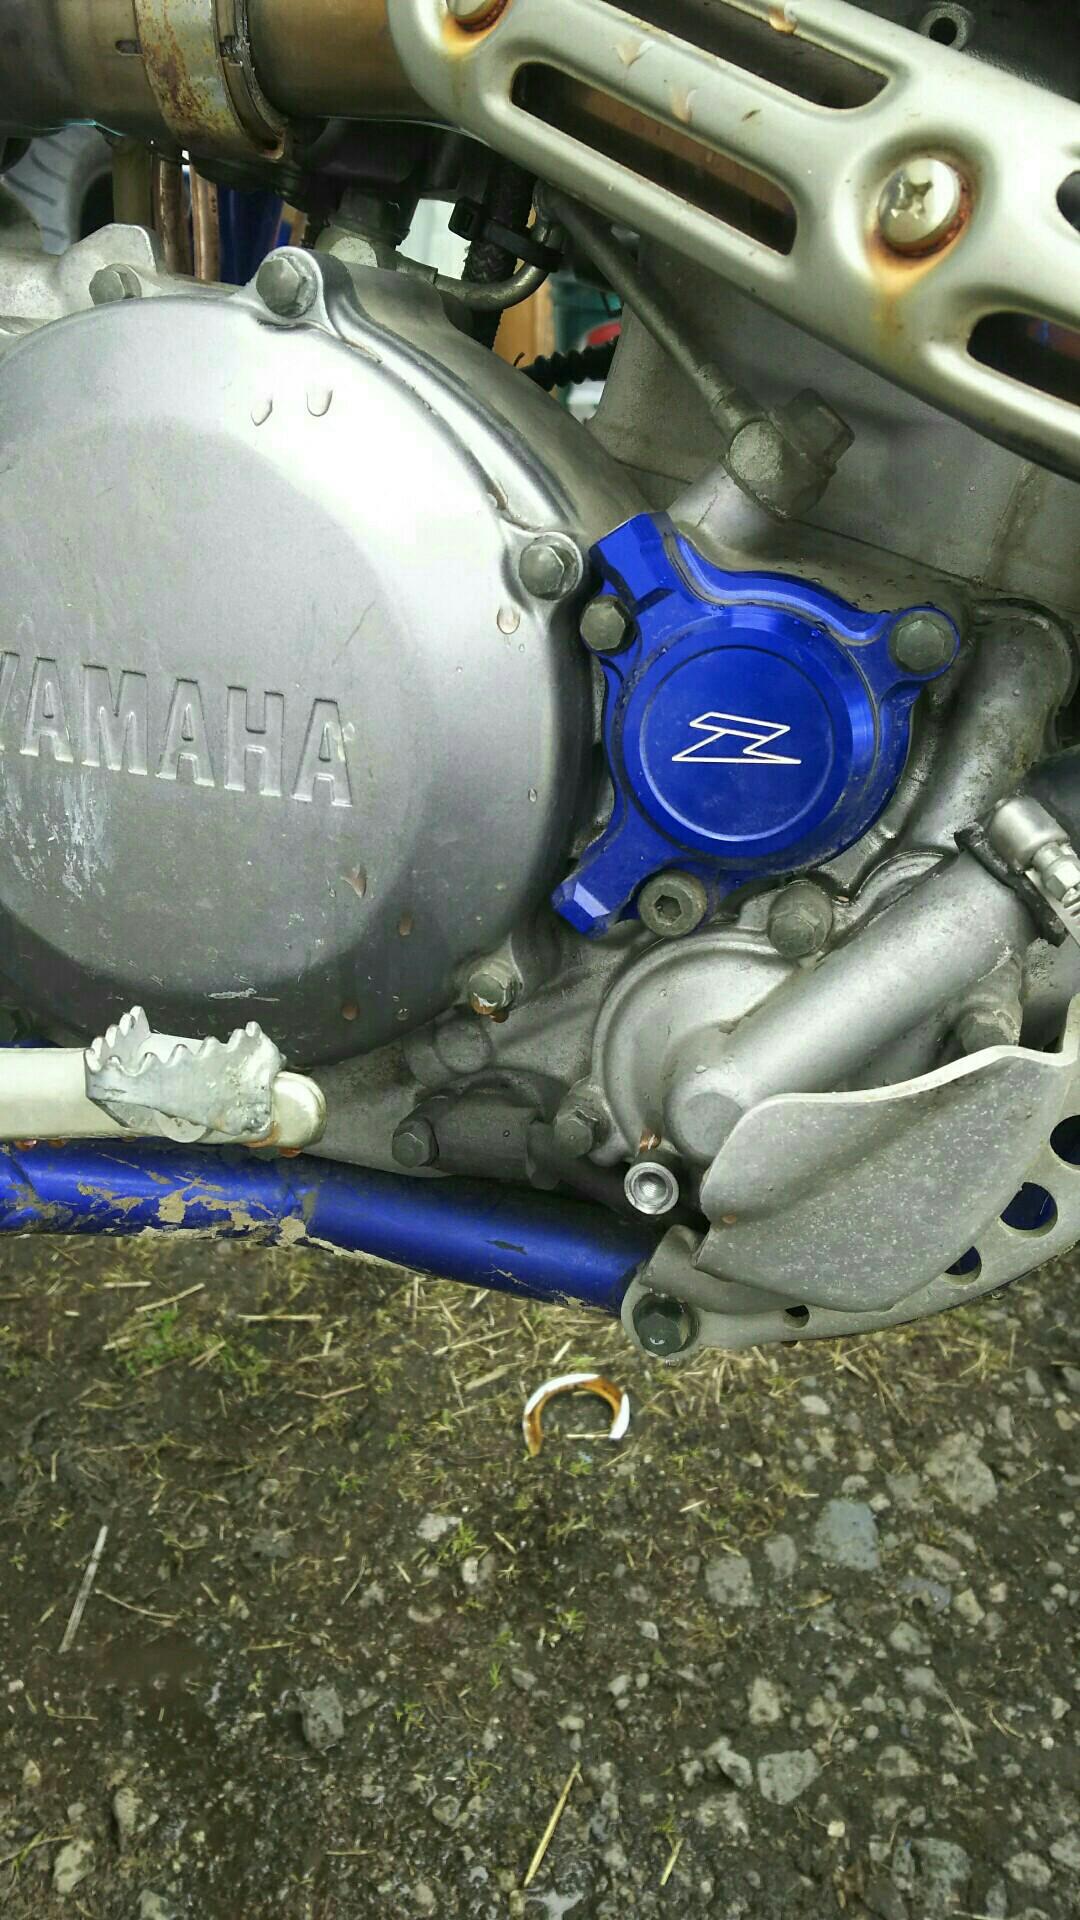 青バイク2台一緒にクーラント交換